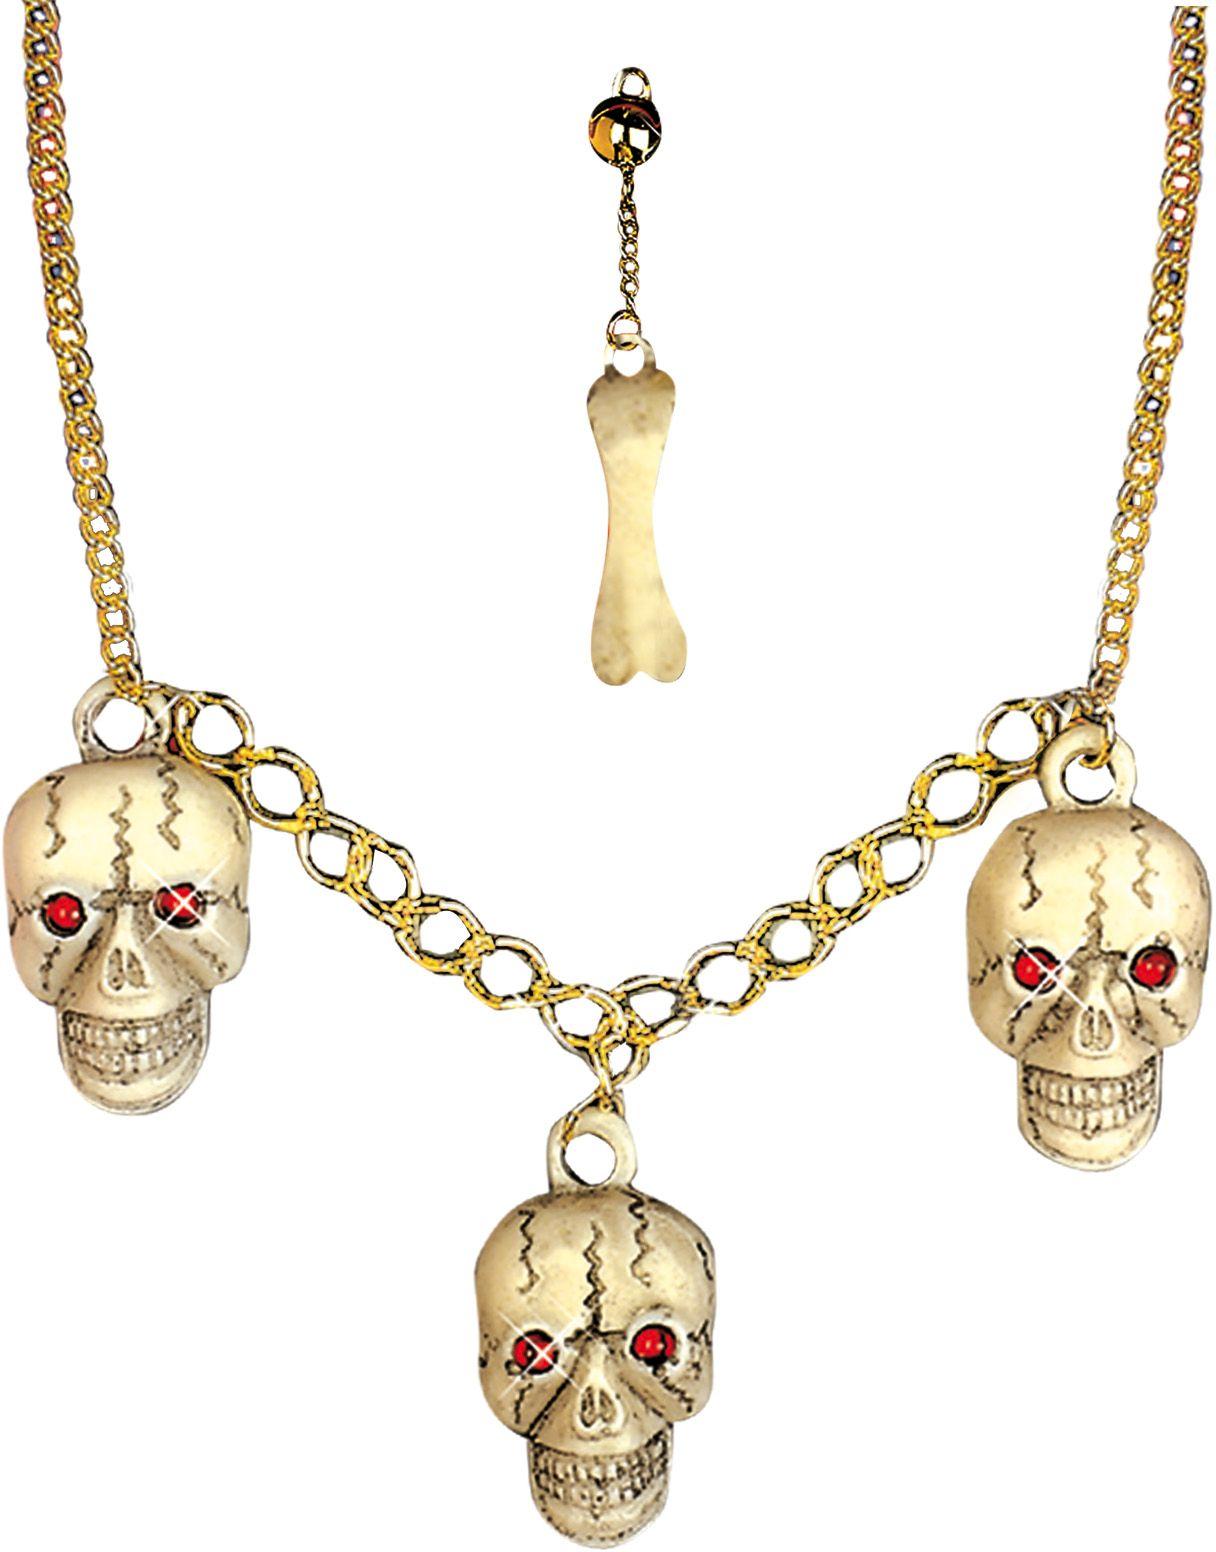 Grim reaper sieraden set